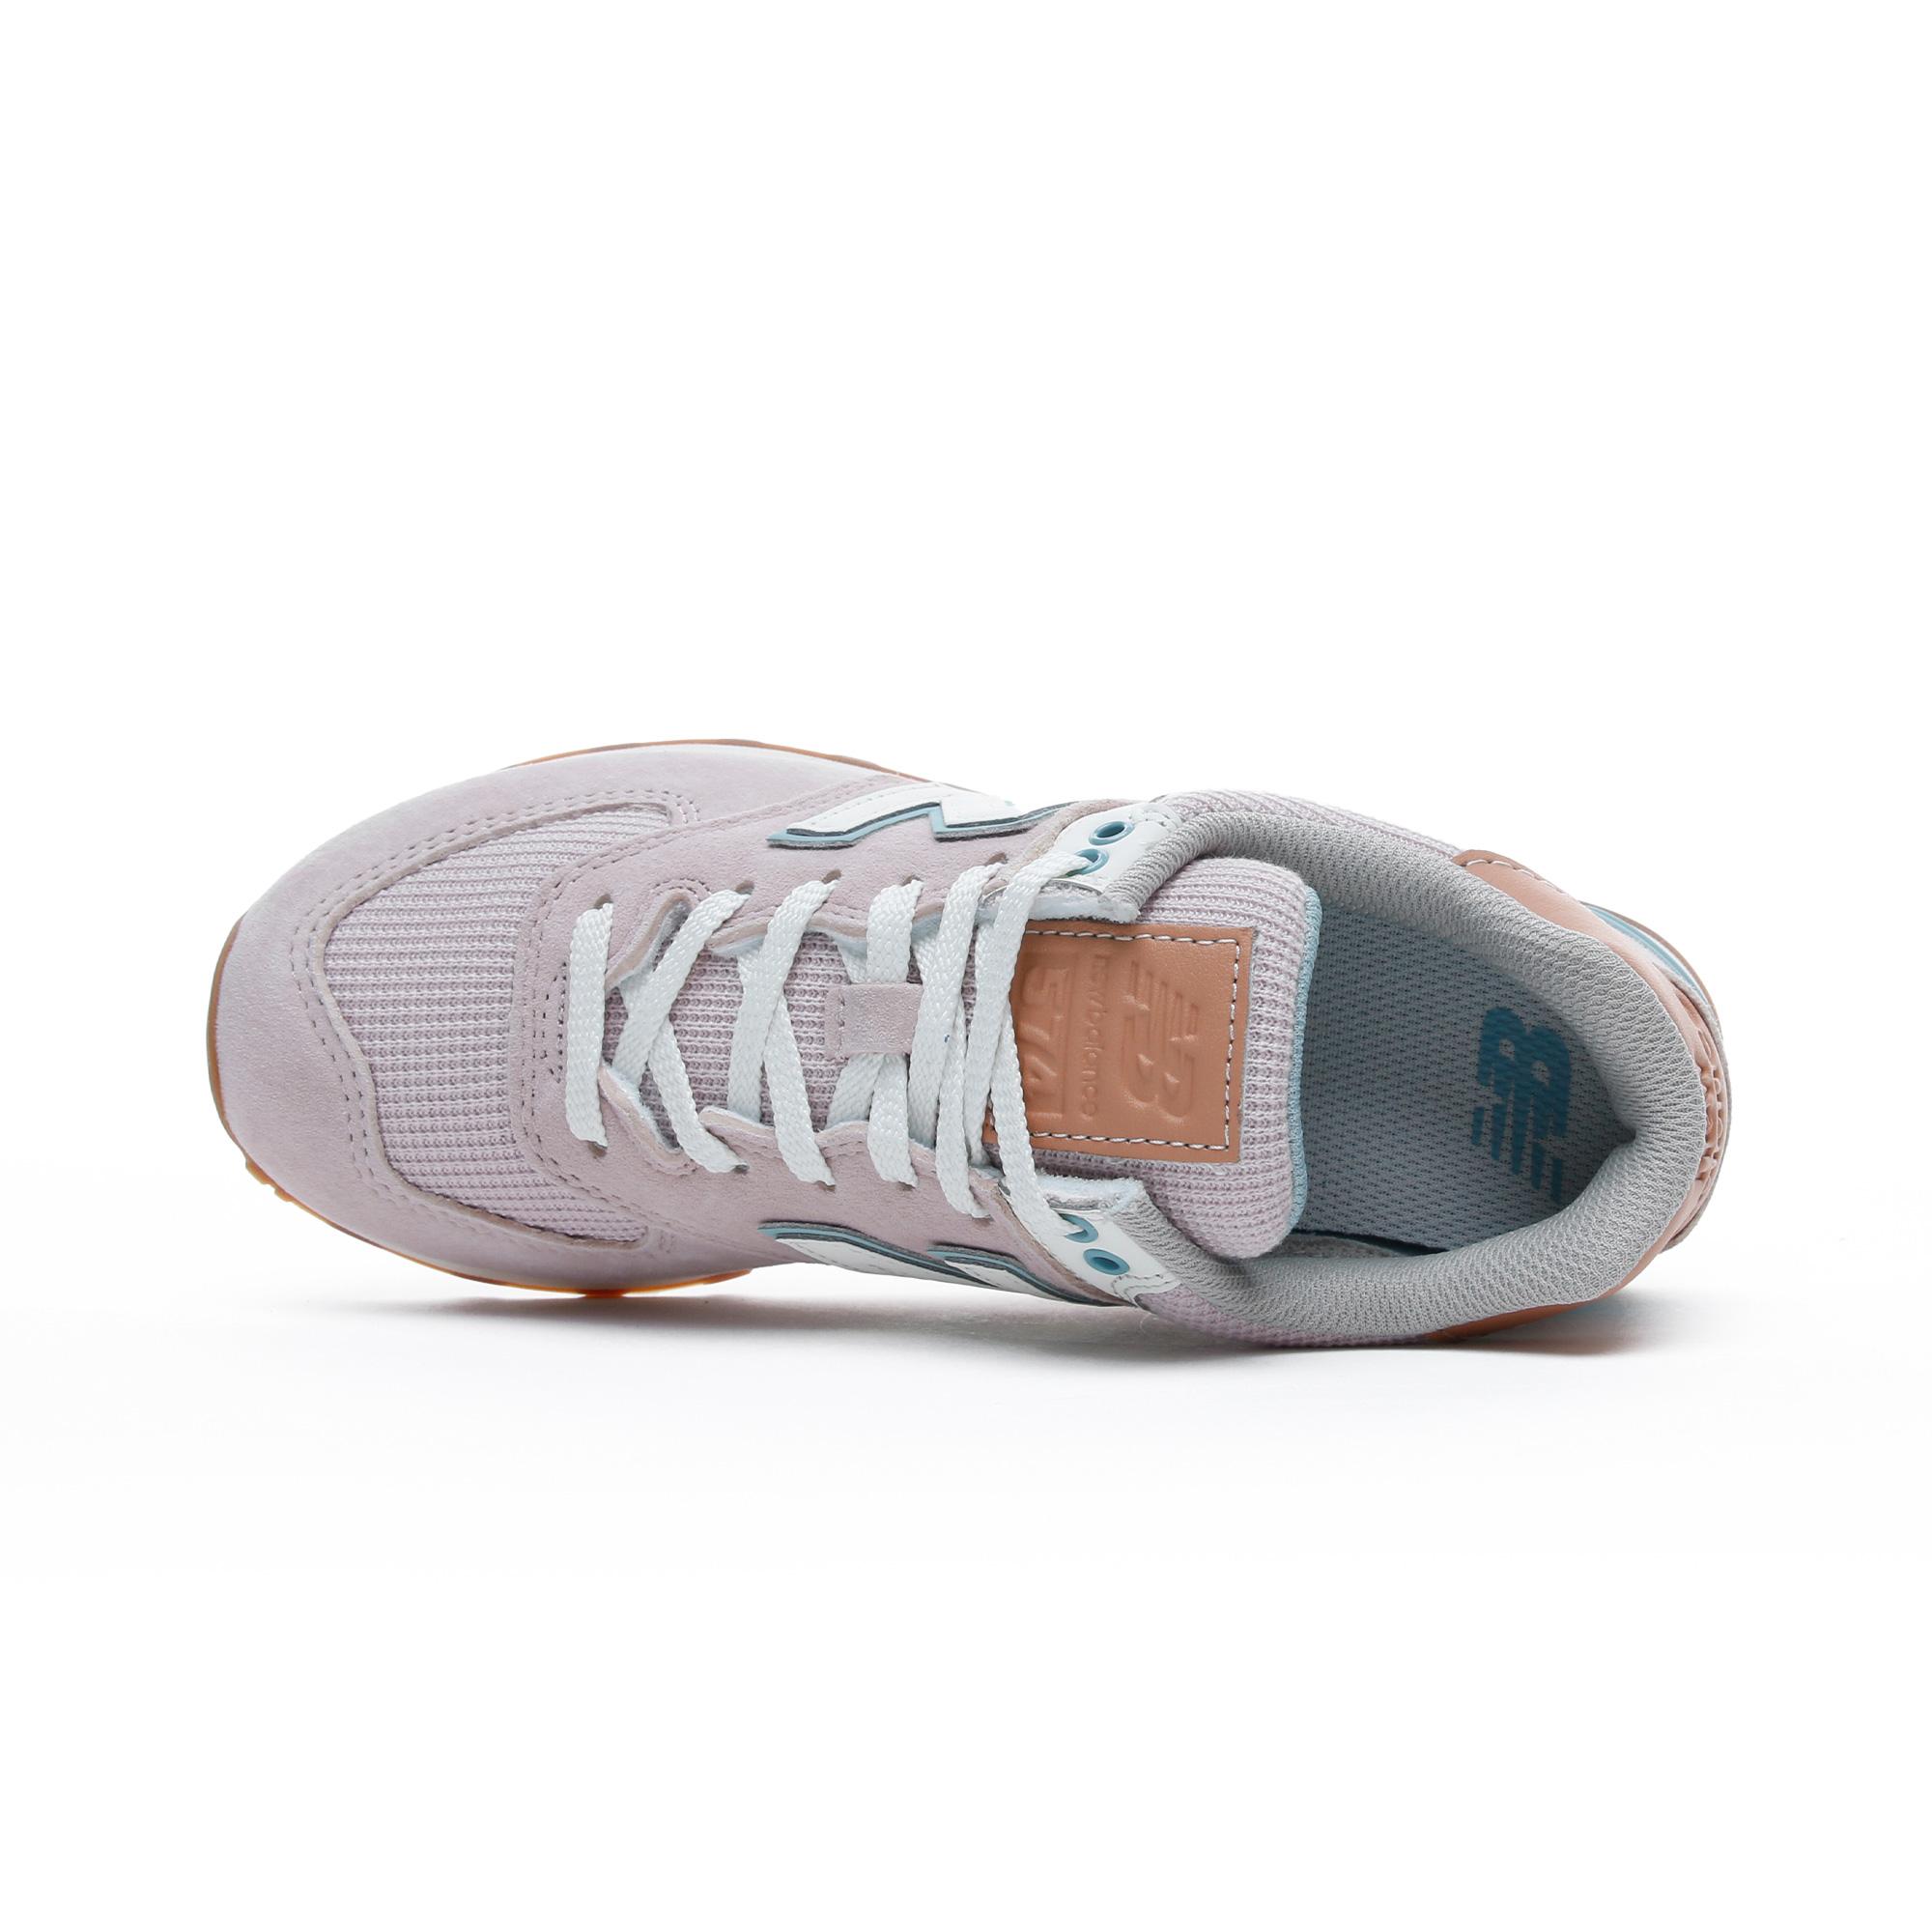 New Balance 574 Kadın Pembe Spor Ayakkabı